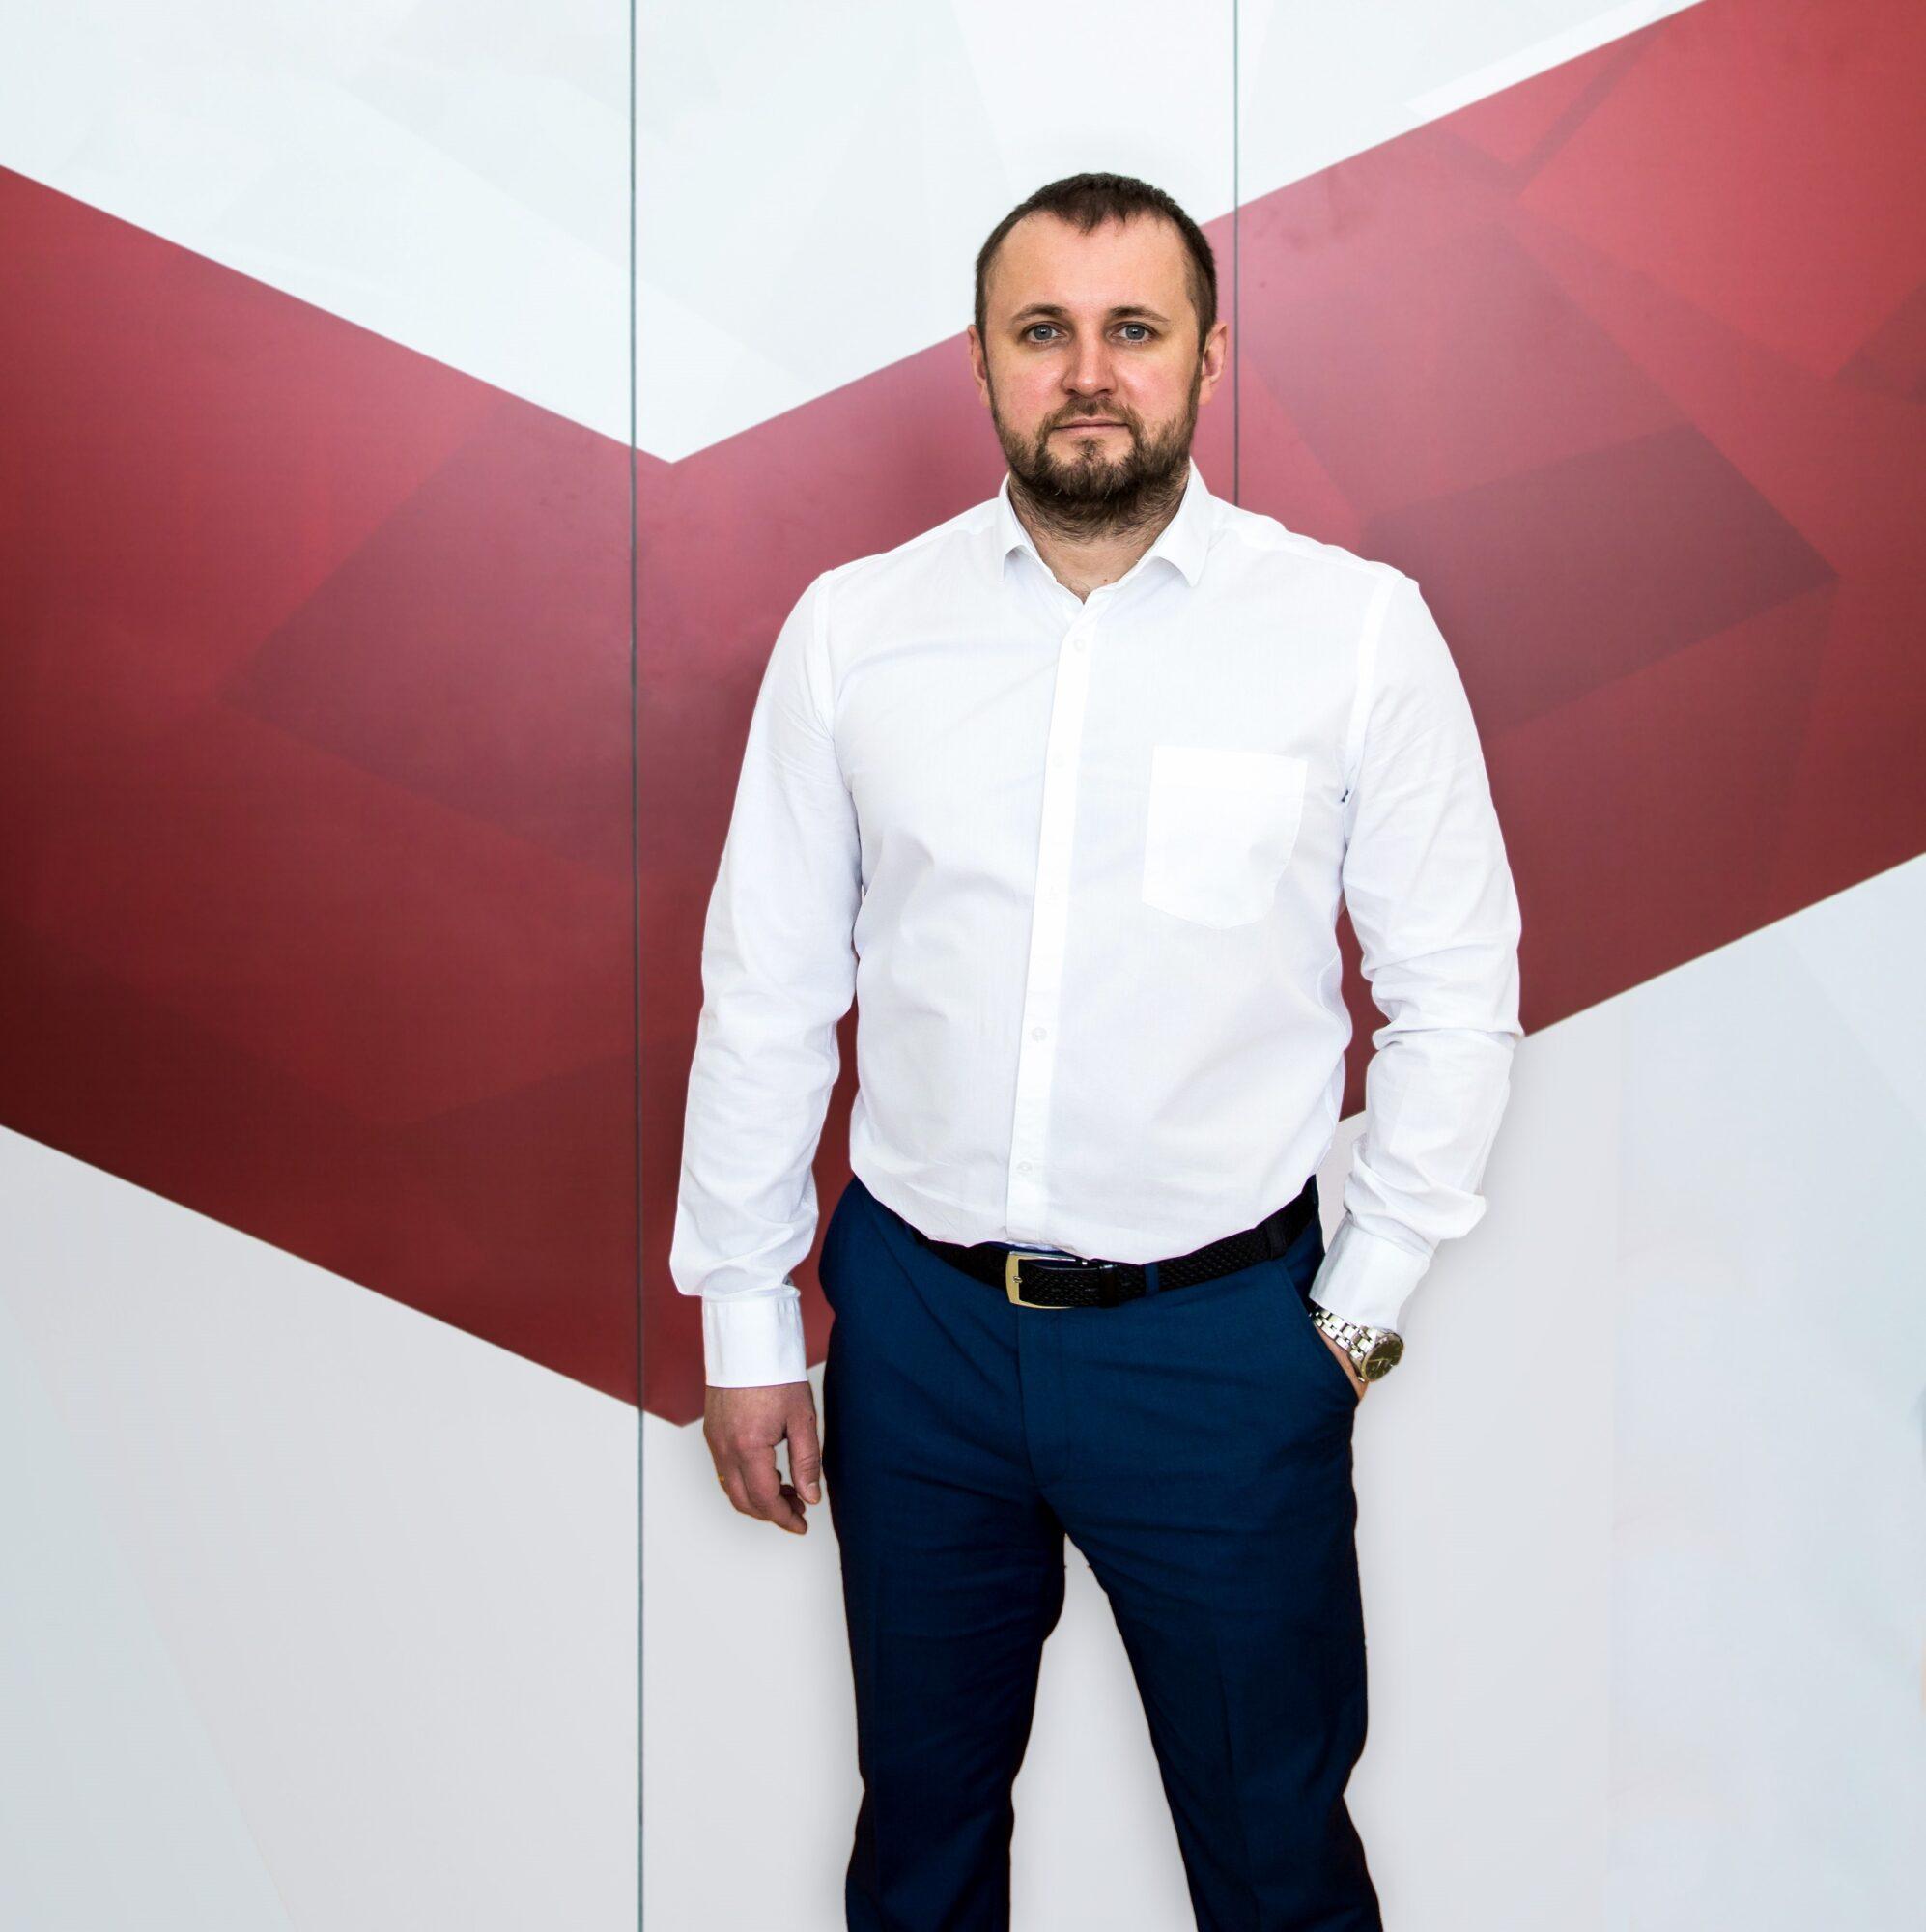 Как создать успешную франшизу, рассказал Михаил Анциферов